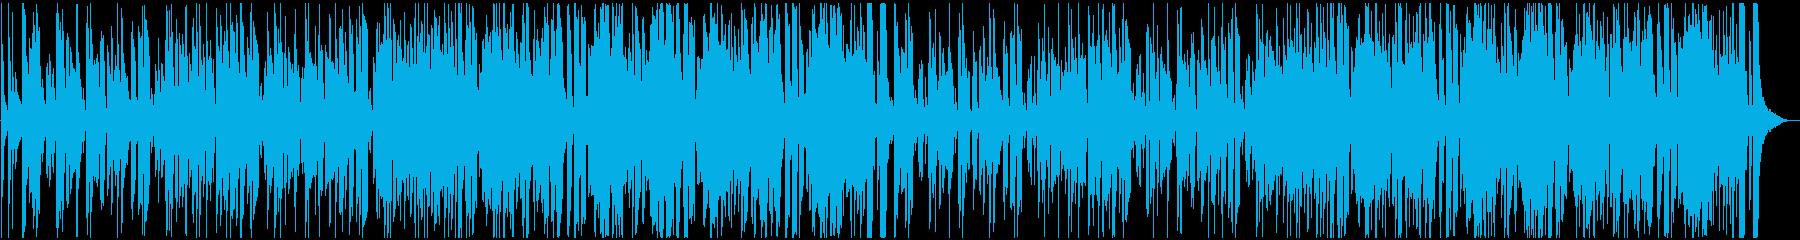 グルーヴィーなJAZZフュージョンBGMの再生済みの波形